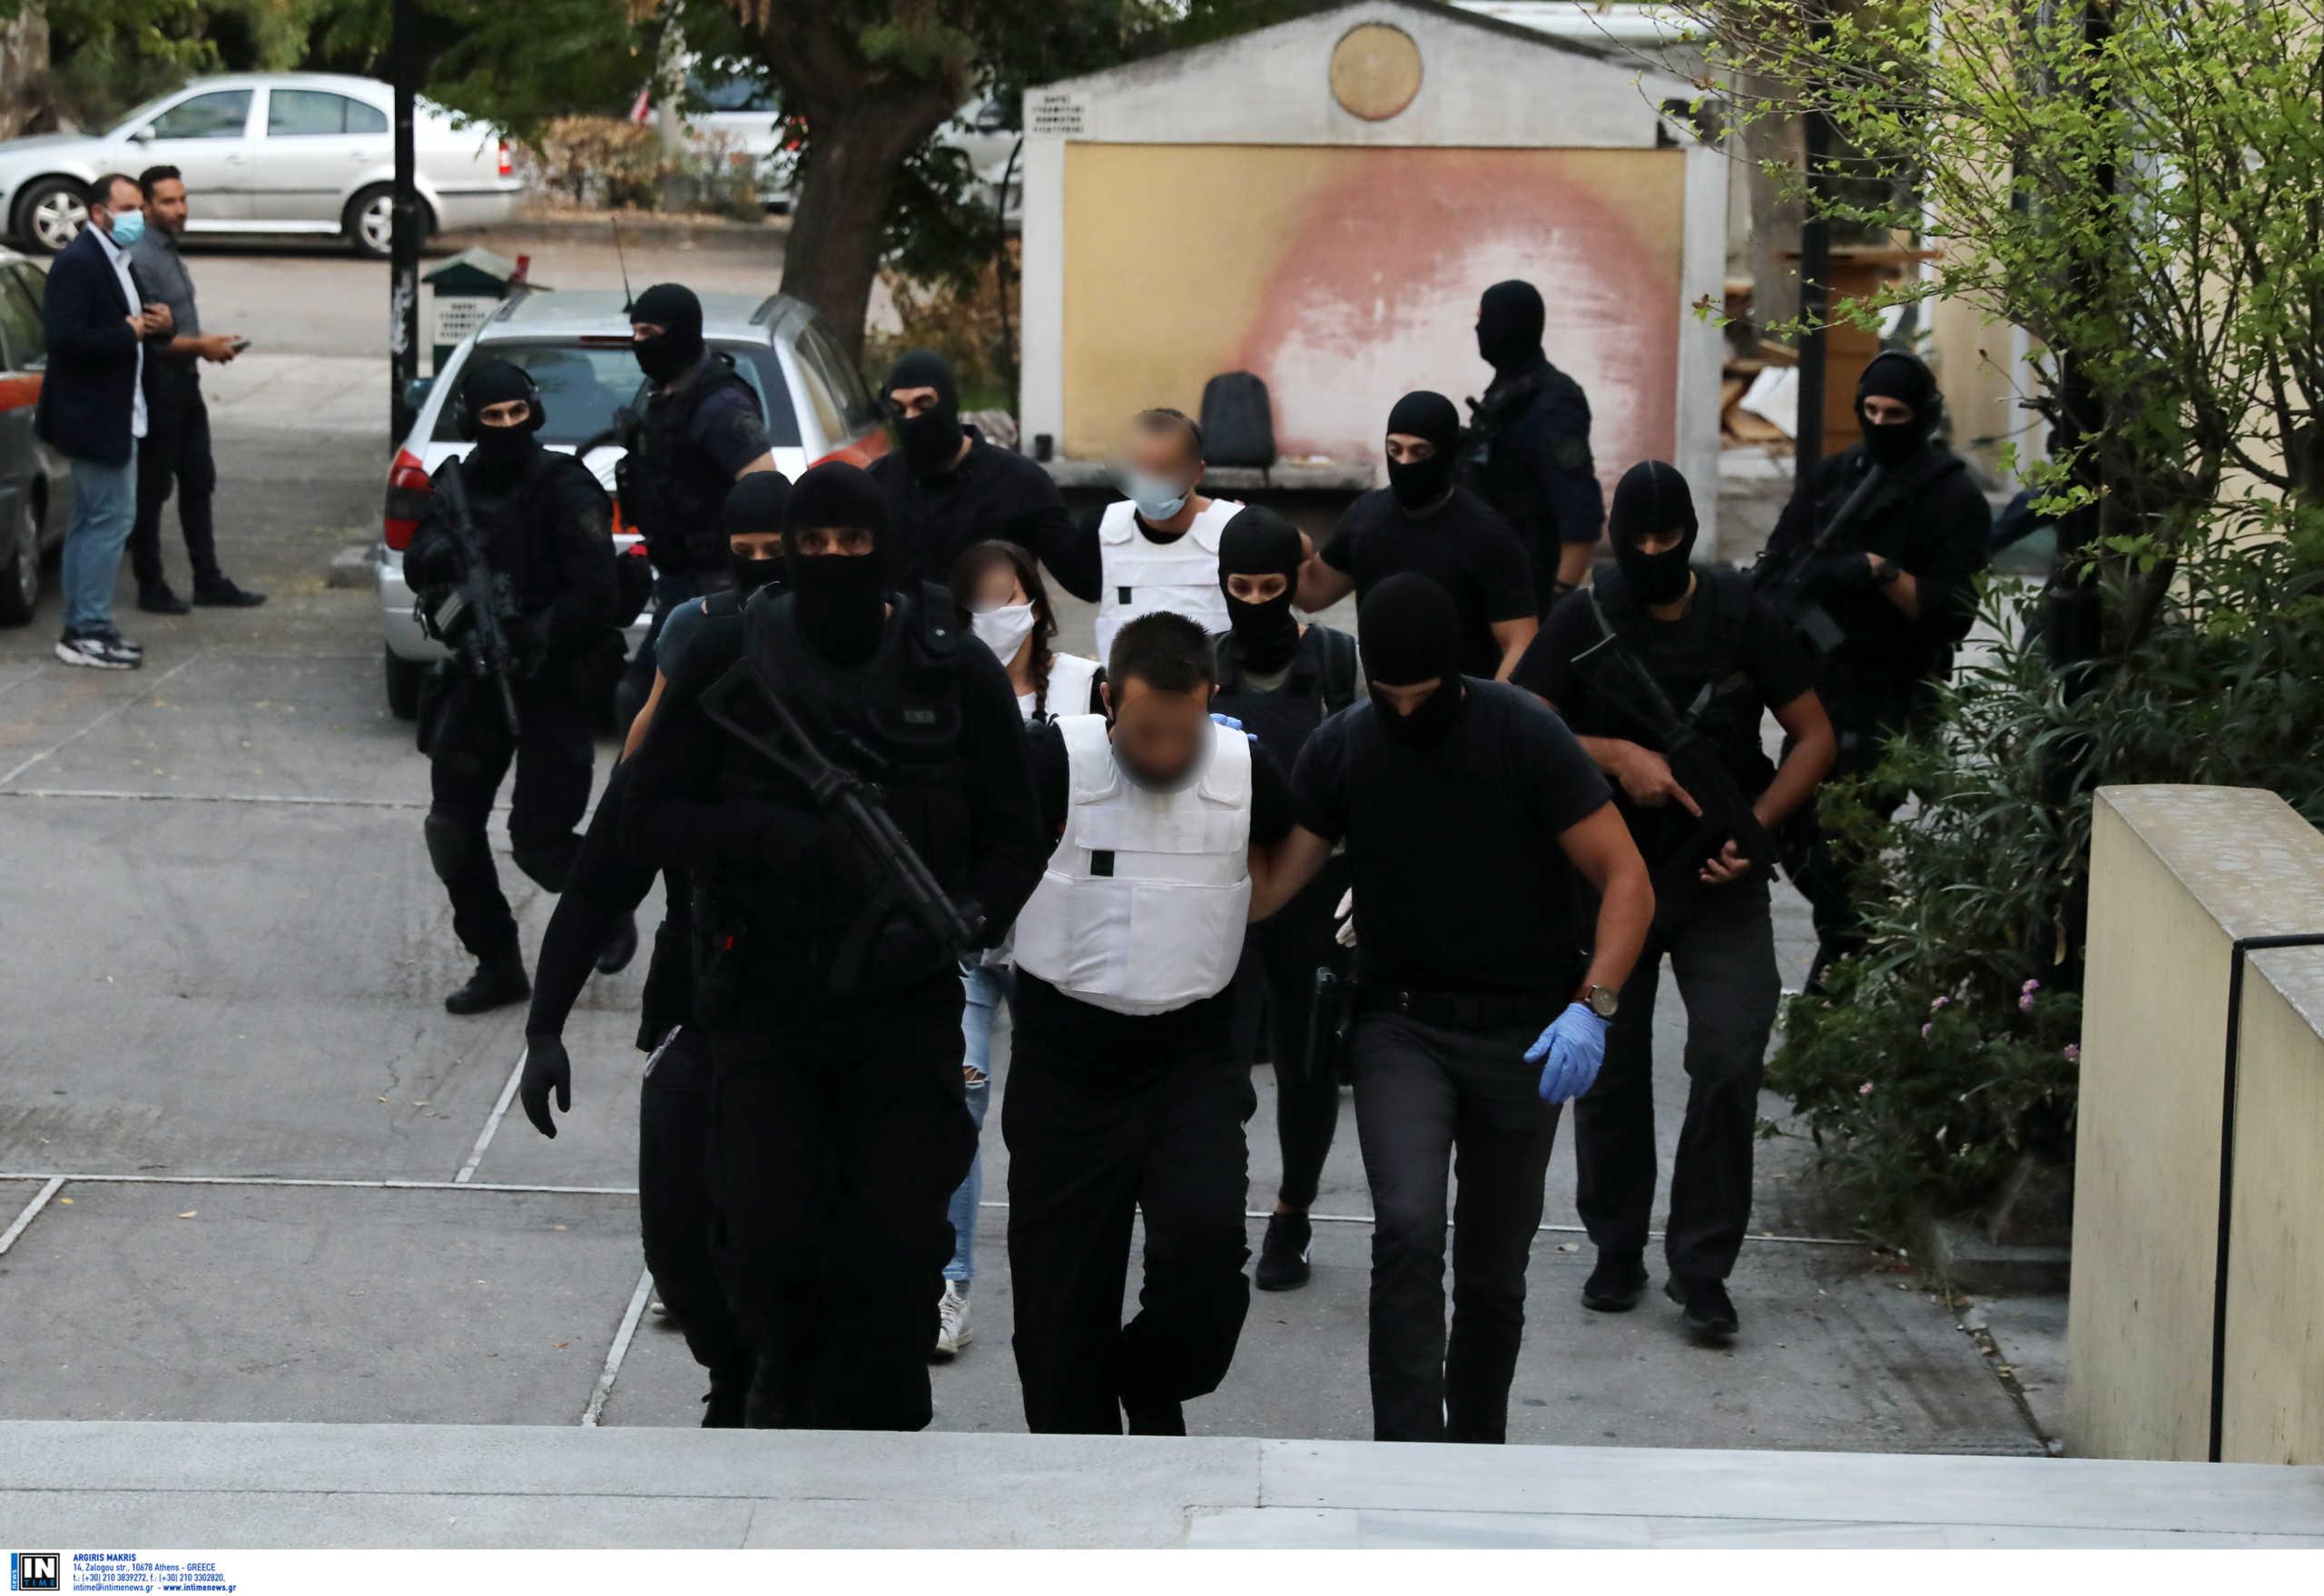 Τρομοκρατία: Αλλάζουν τα δεδομένα μετά το νέο εύρημα στο σπίτι του 42χρονου